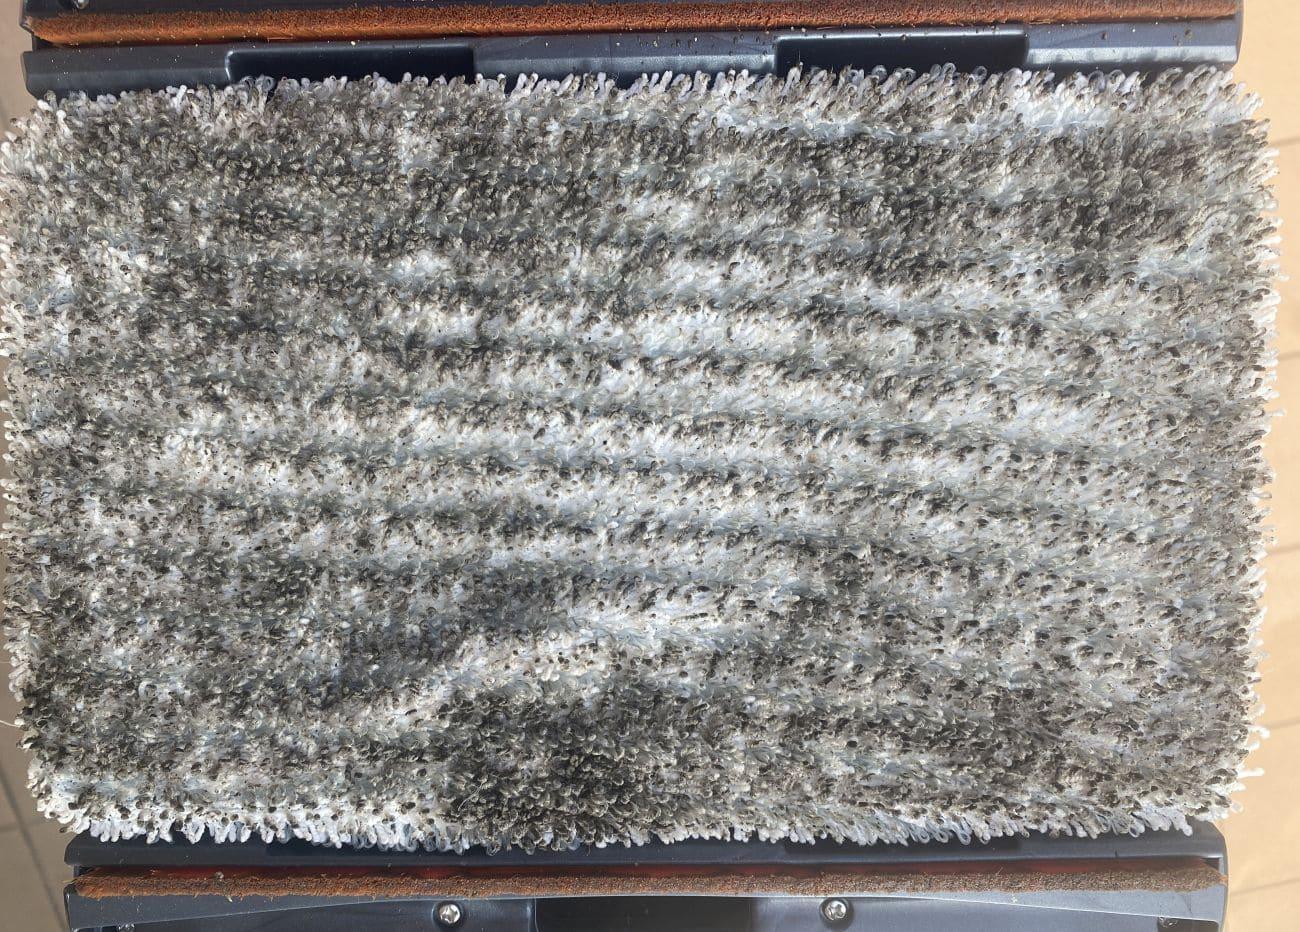 Tefal X-Force Flex 11.60 Aqua TY9890 brudny mop po teście mycia tarasu